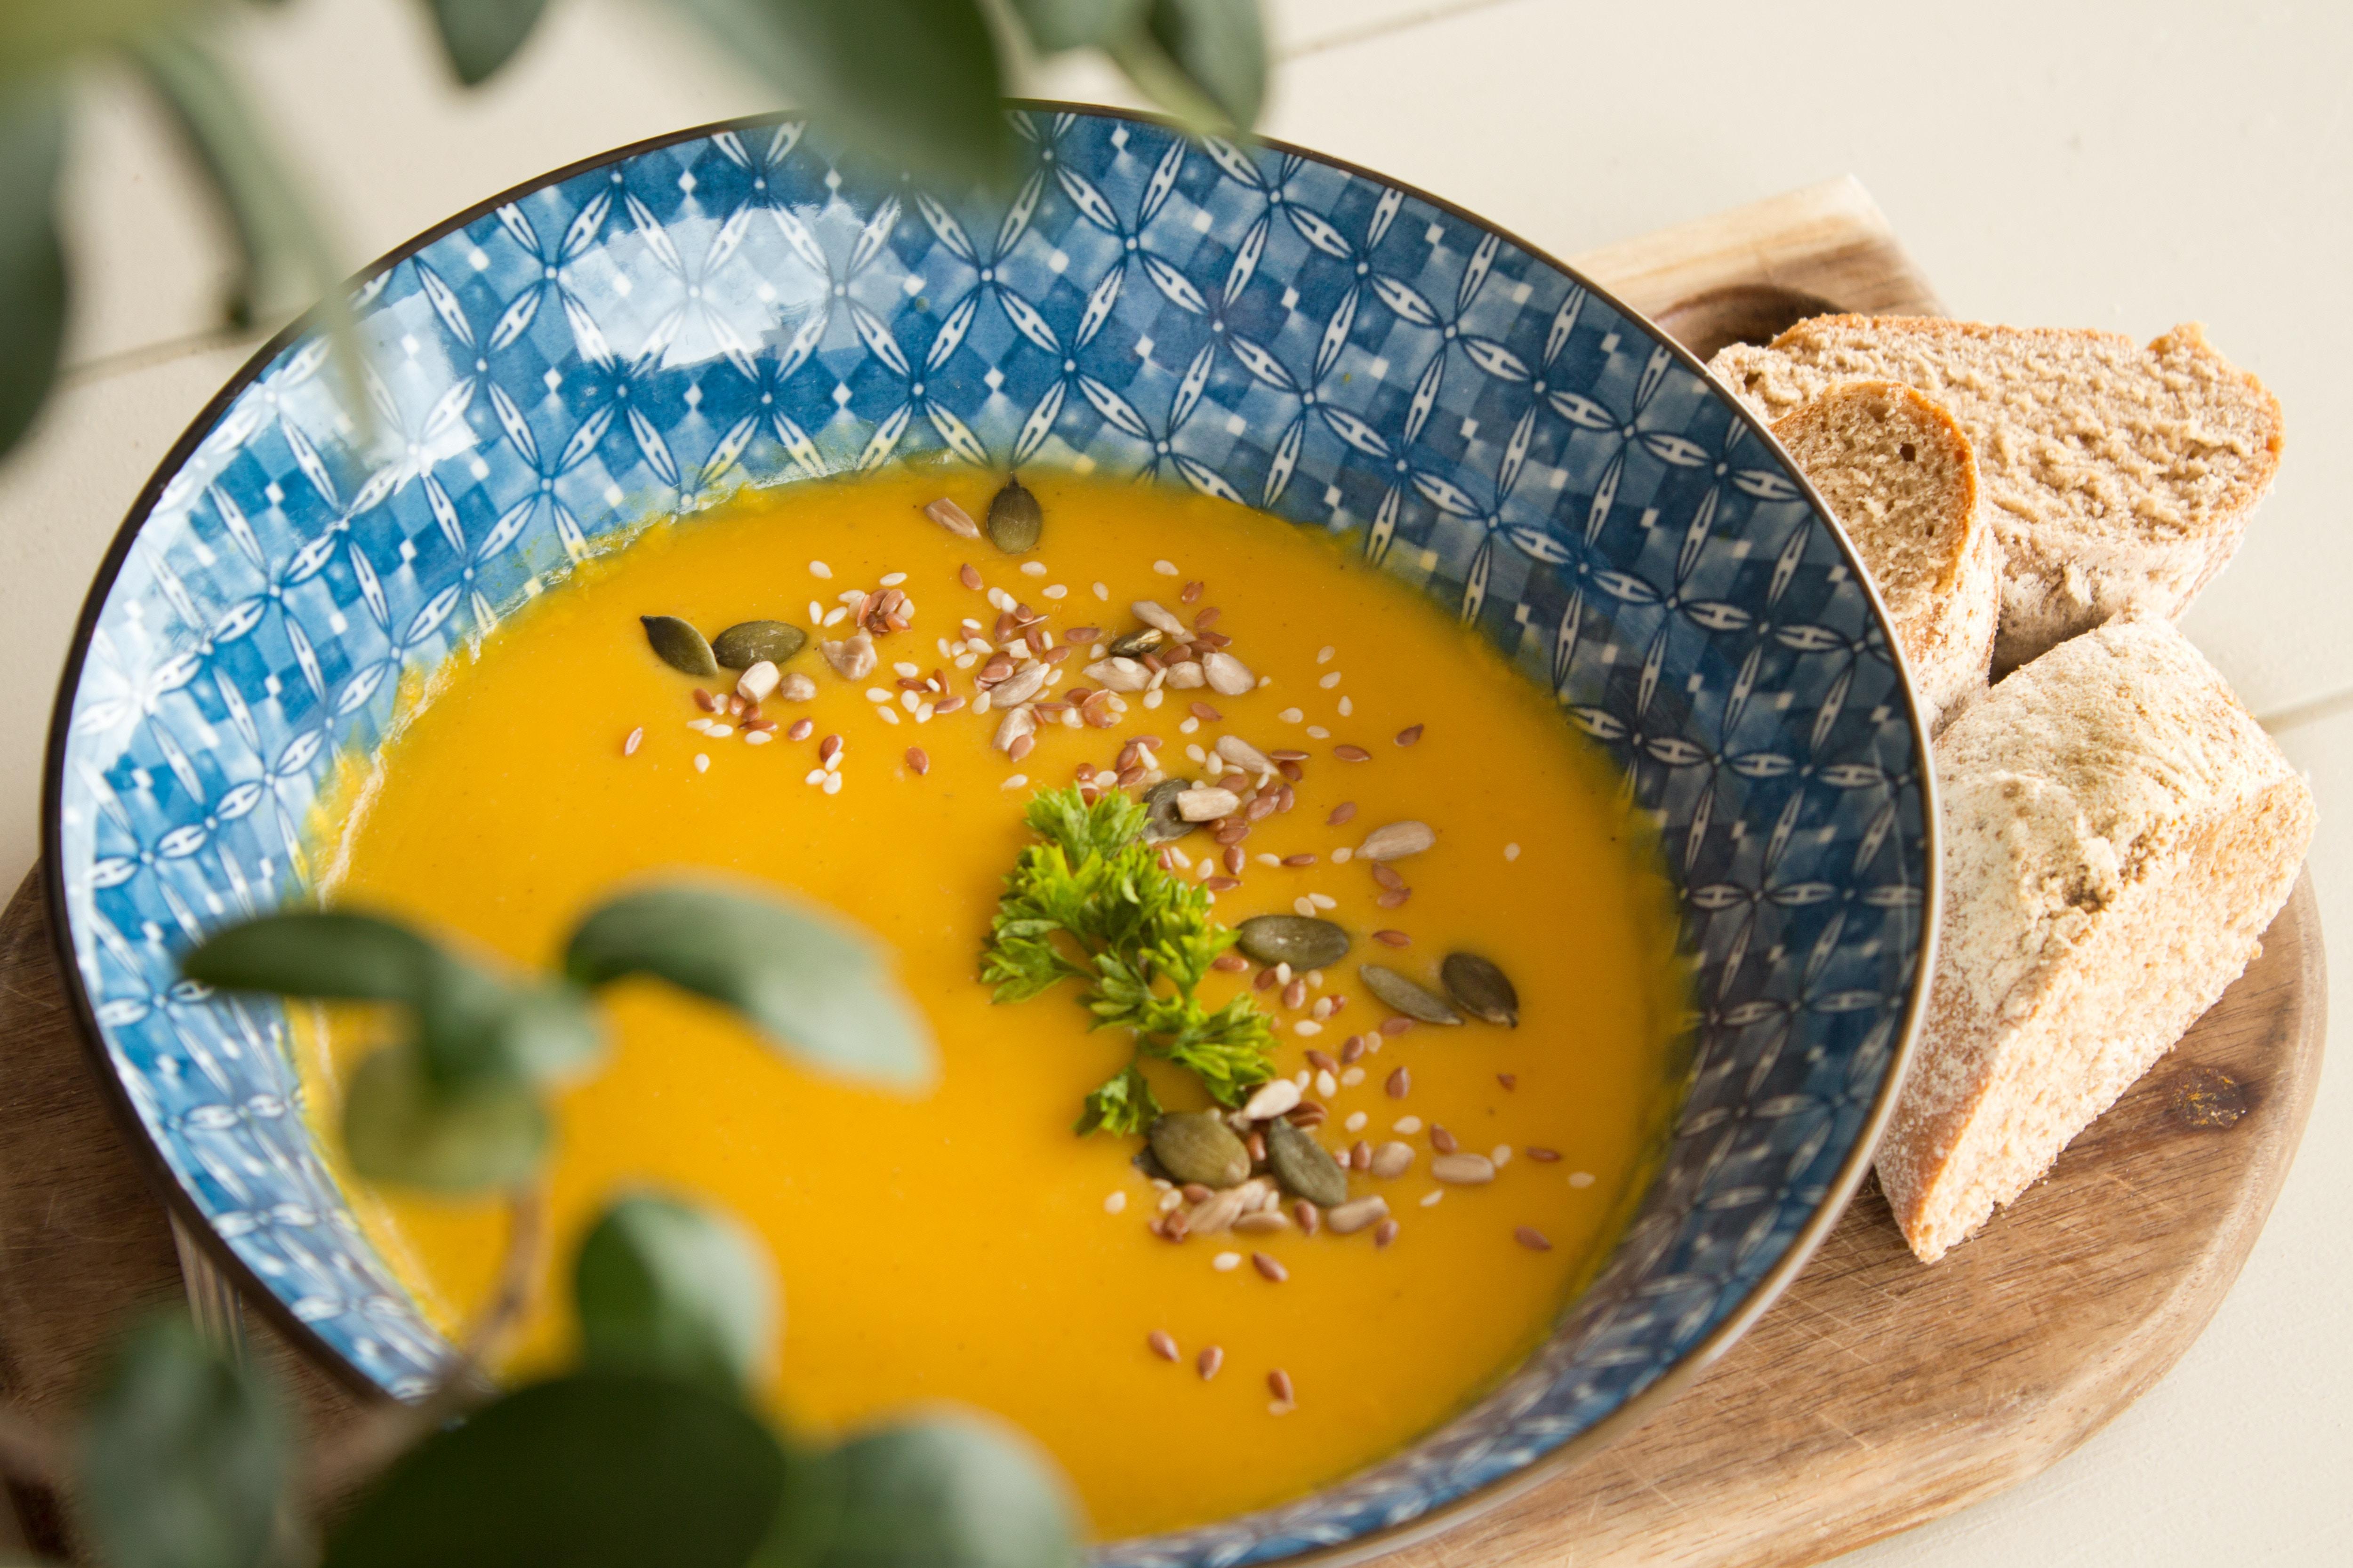 Suppen: Suppe aus Kürbis in einer blau-gemusterten Schüssel auf einem Holzbrett mit Brot.